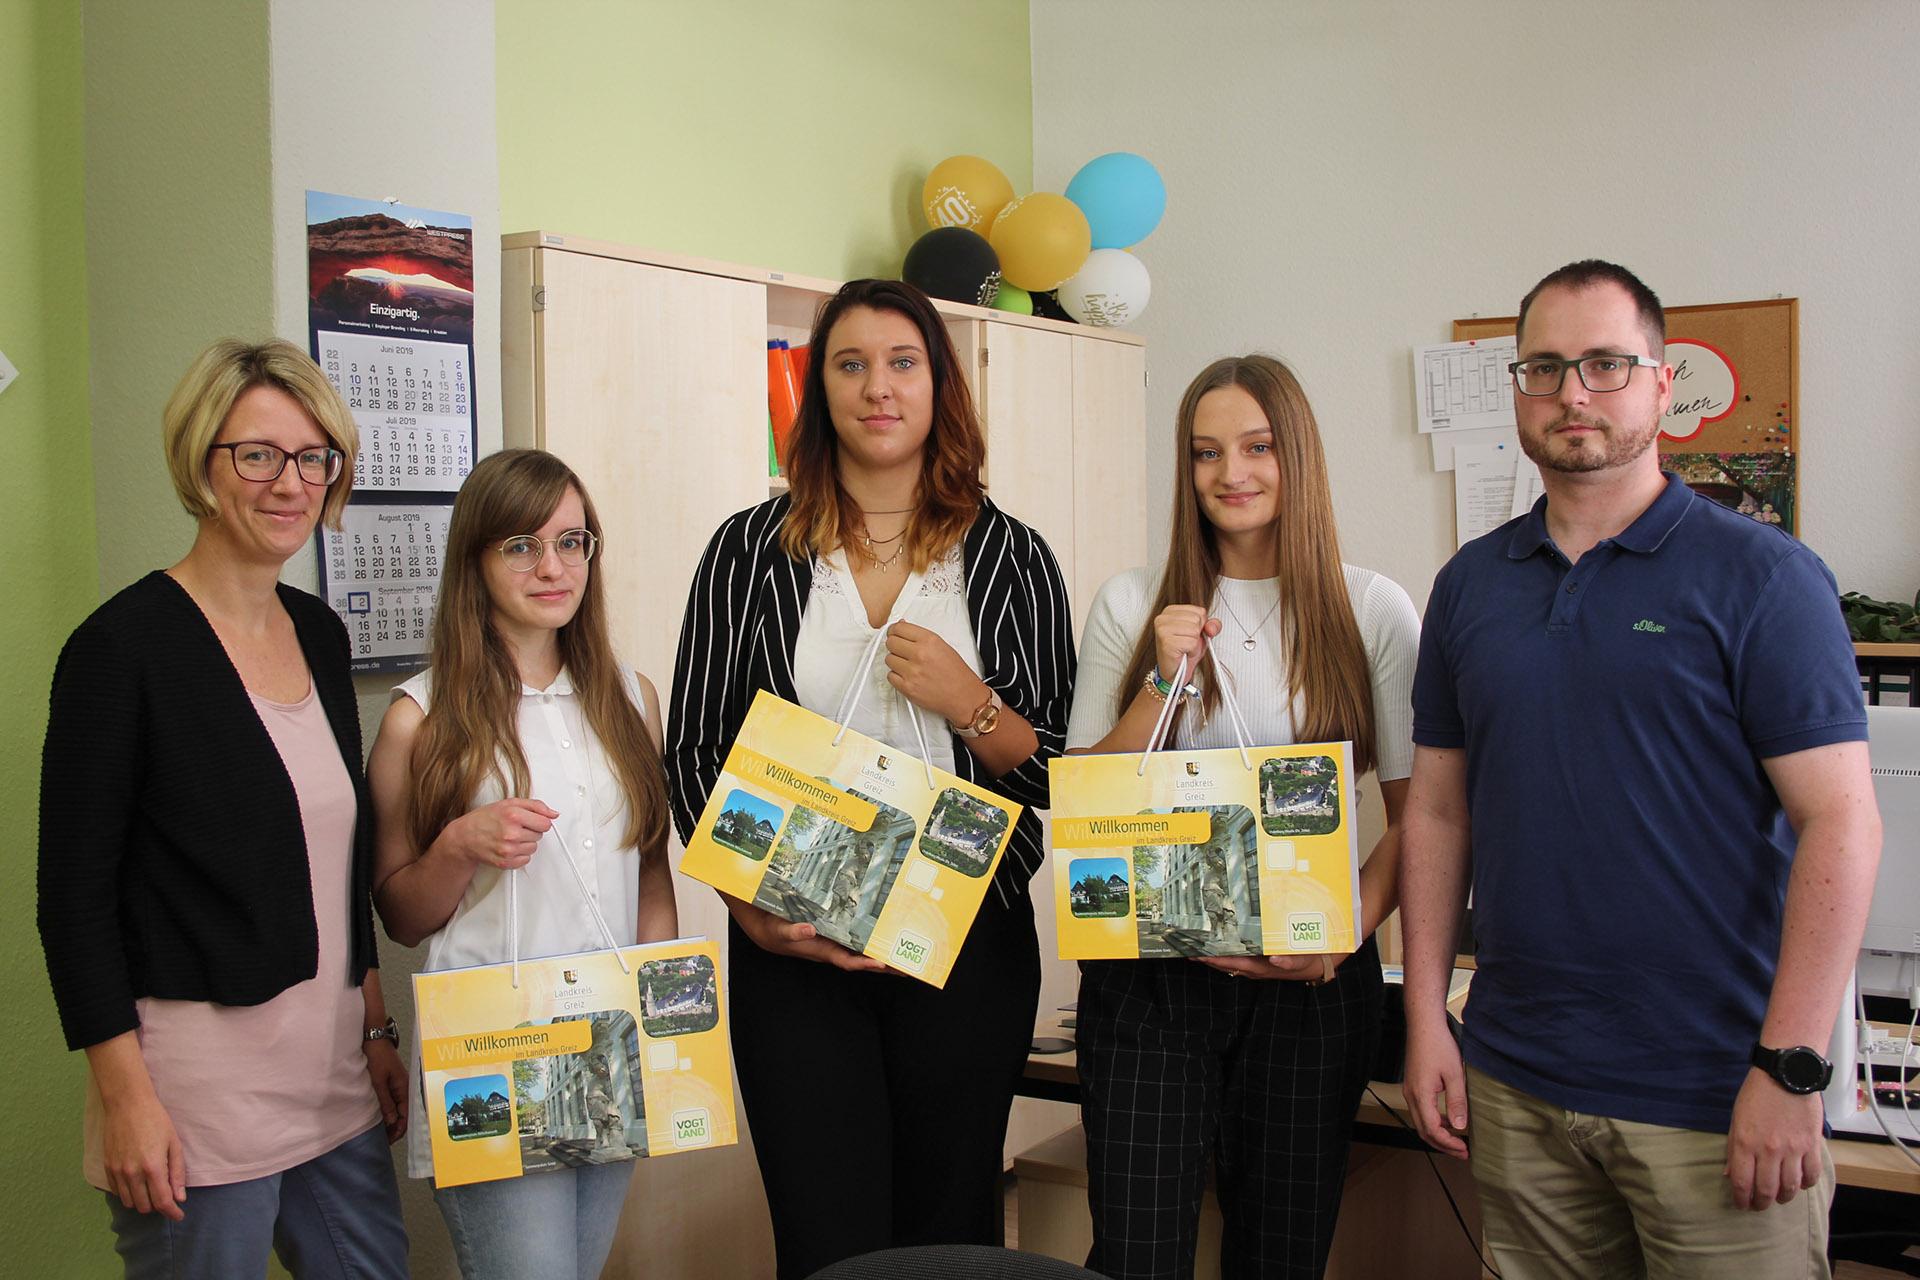 Personalamtsleiterin Nadine Großmann (l.) und Patrick Krauß begrüßten die neuen Beamtenanwärter (v. l.) Jessica Neumann, Maria Sophie Krügel und Kira Vielmuth.